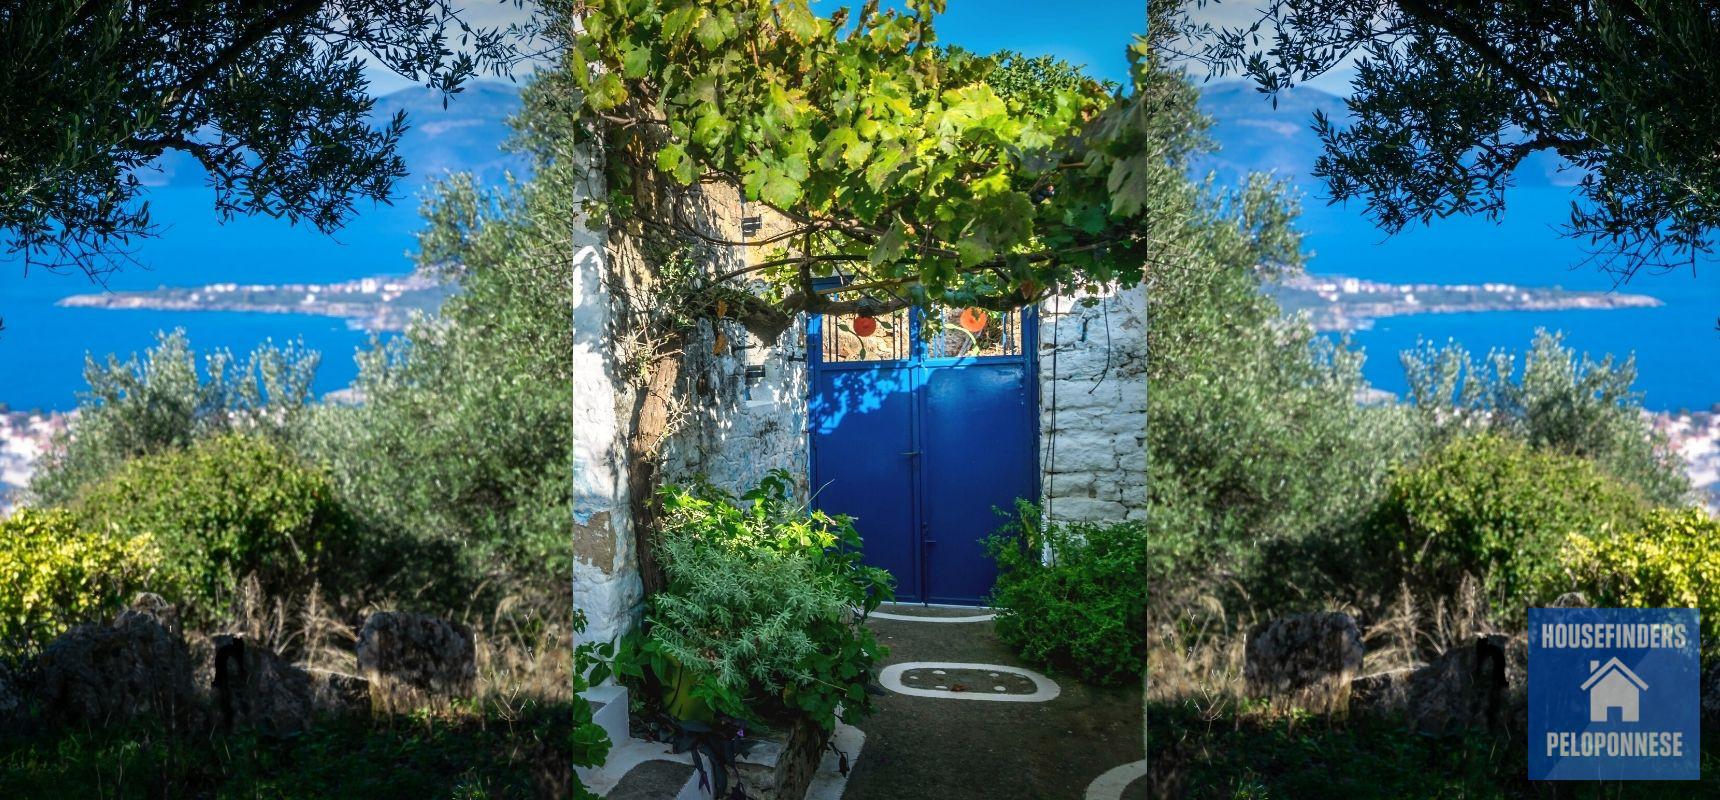 köpa hus grekland housefinders peloponnese